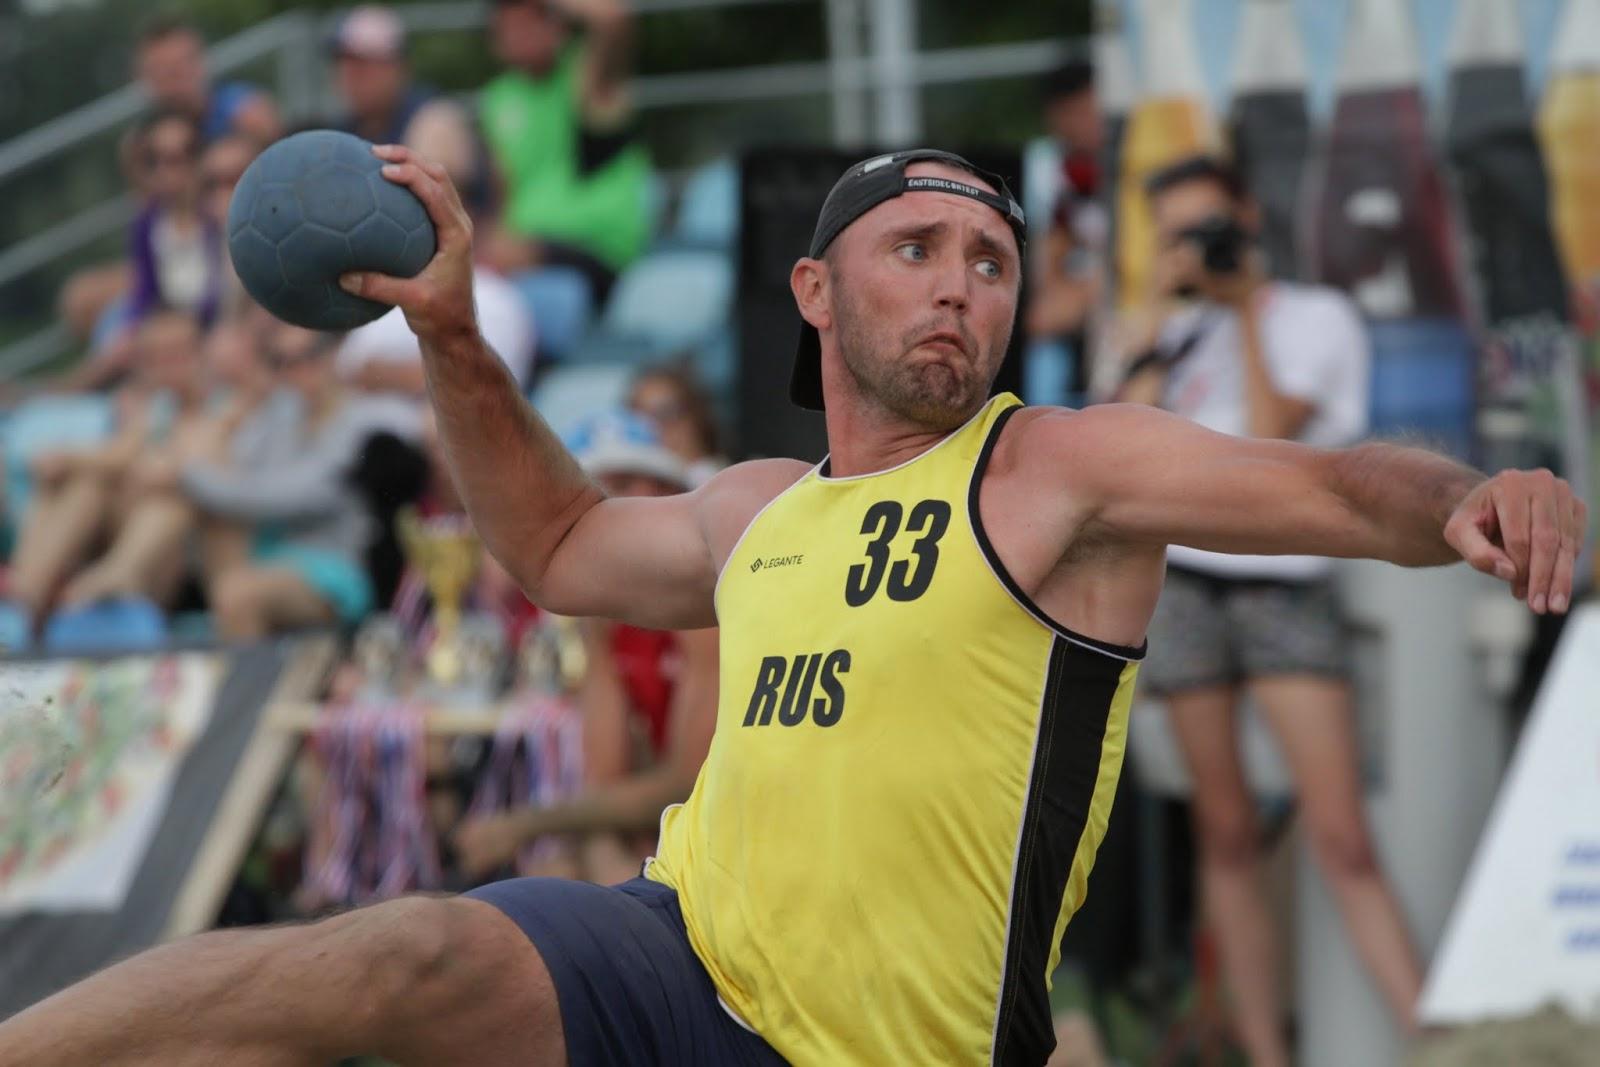 Zagreb Open 2013